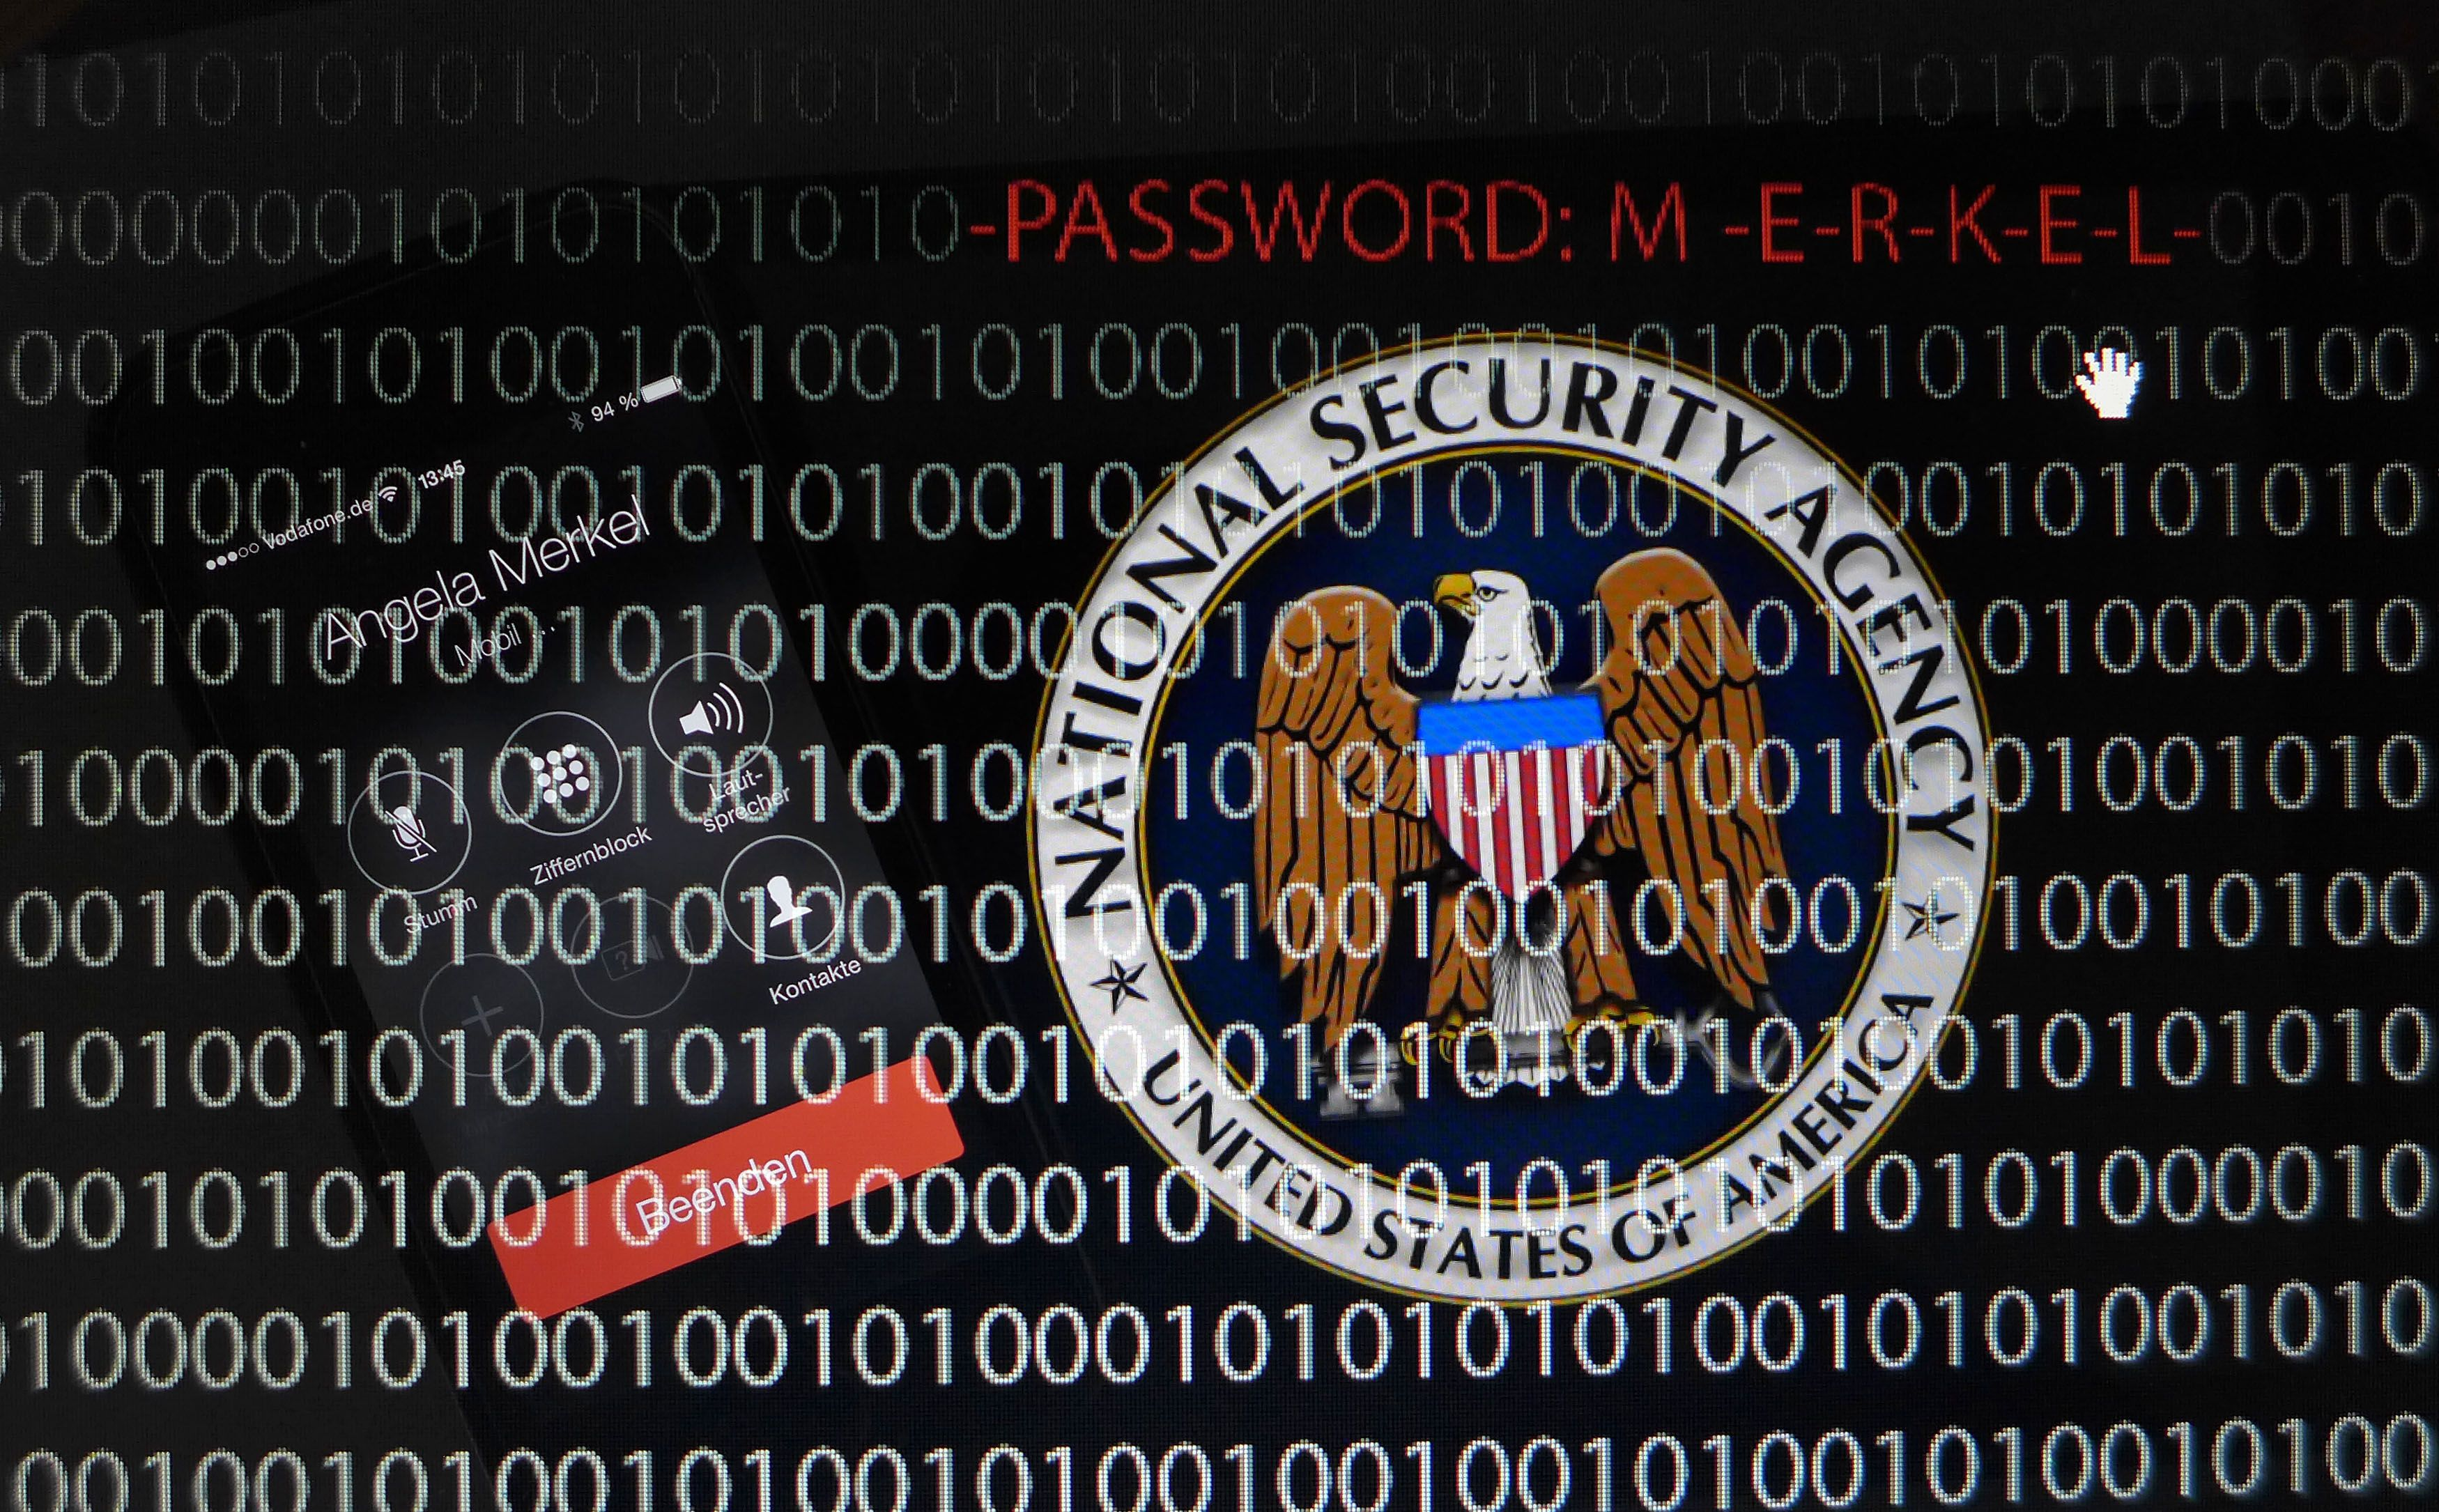 Piratage massif de données : les géants du web prennent-ils notre sécurité au sérieux ?